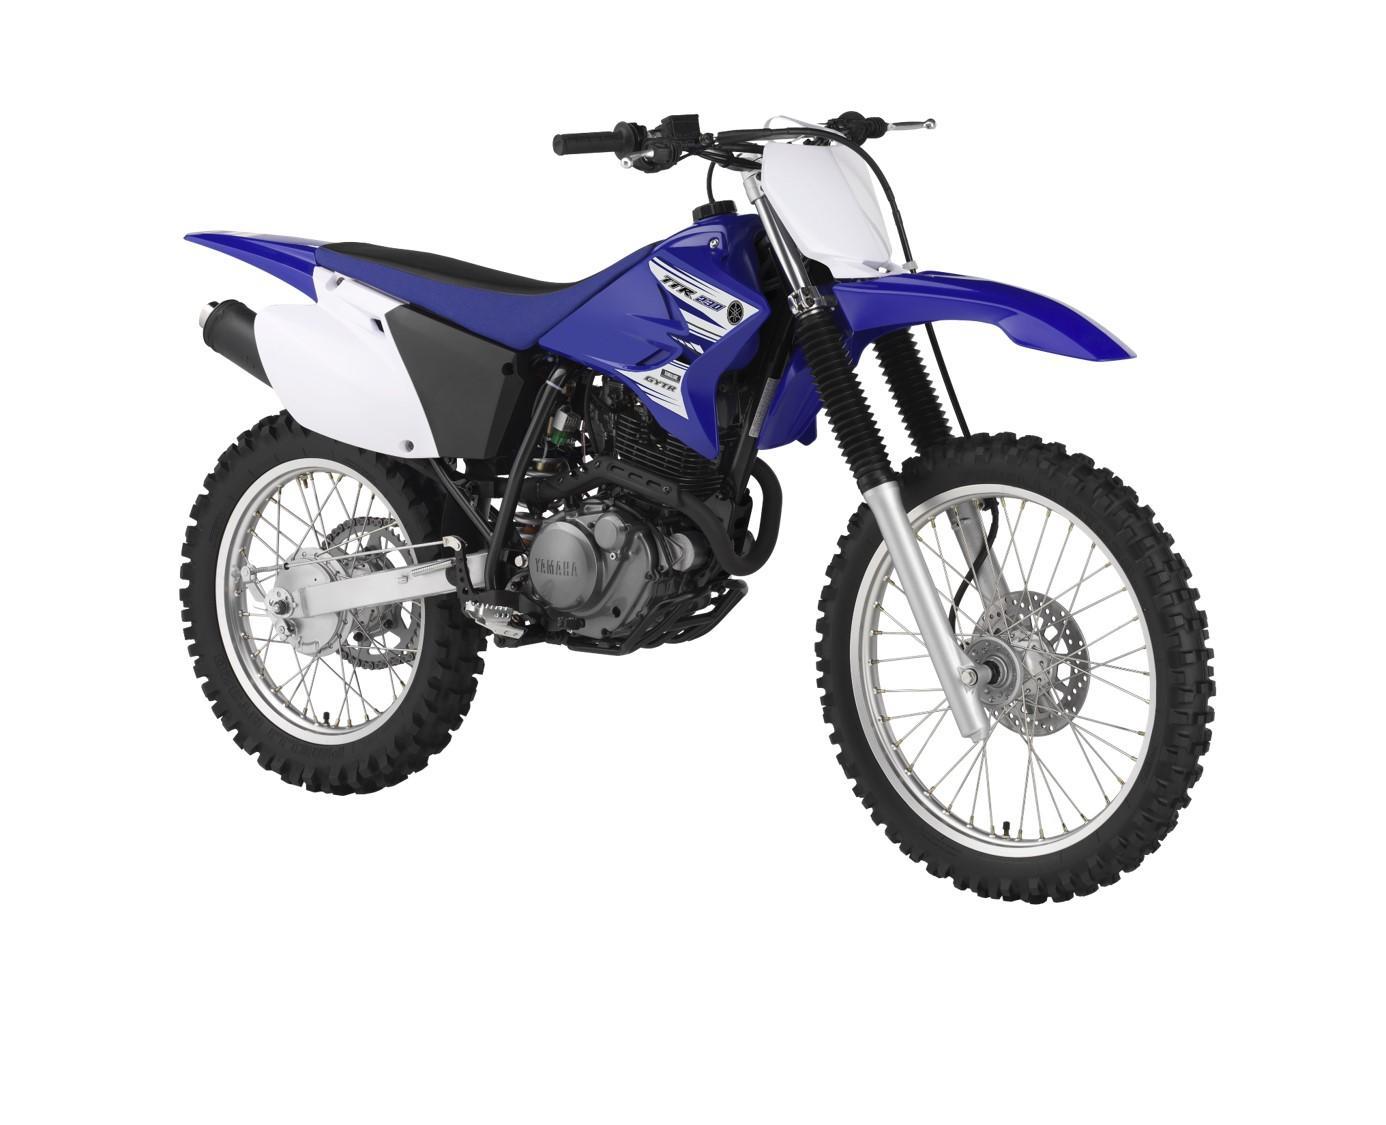 Tt R230 Paragon Motorcycles